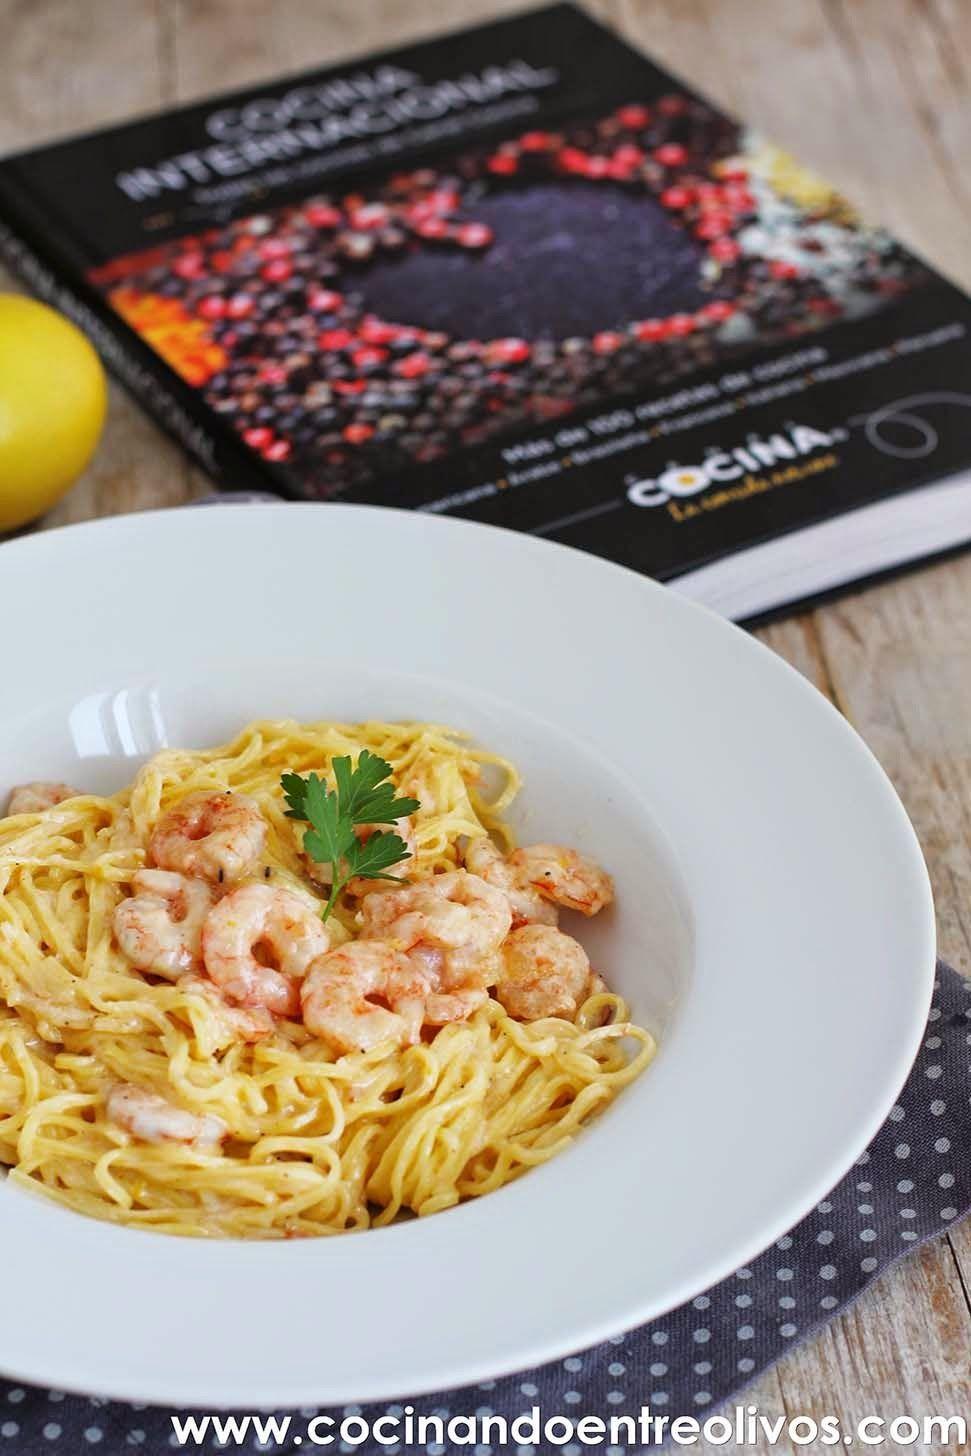 Espaguetis al lim n con gambas y mascarpone receta paso a paso cocinando entre olivos - Espagueti con gambas y nata ...